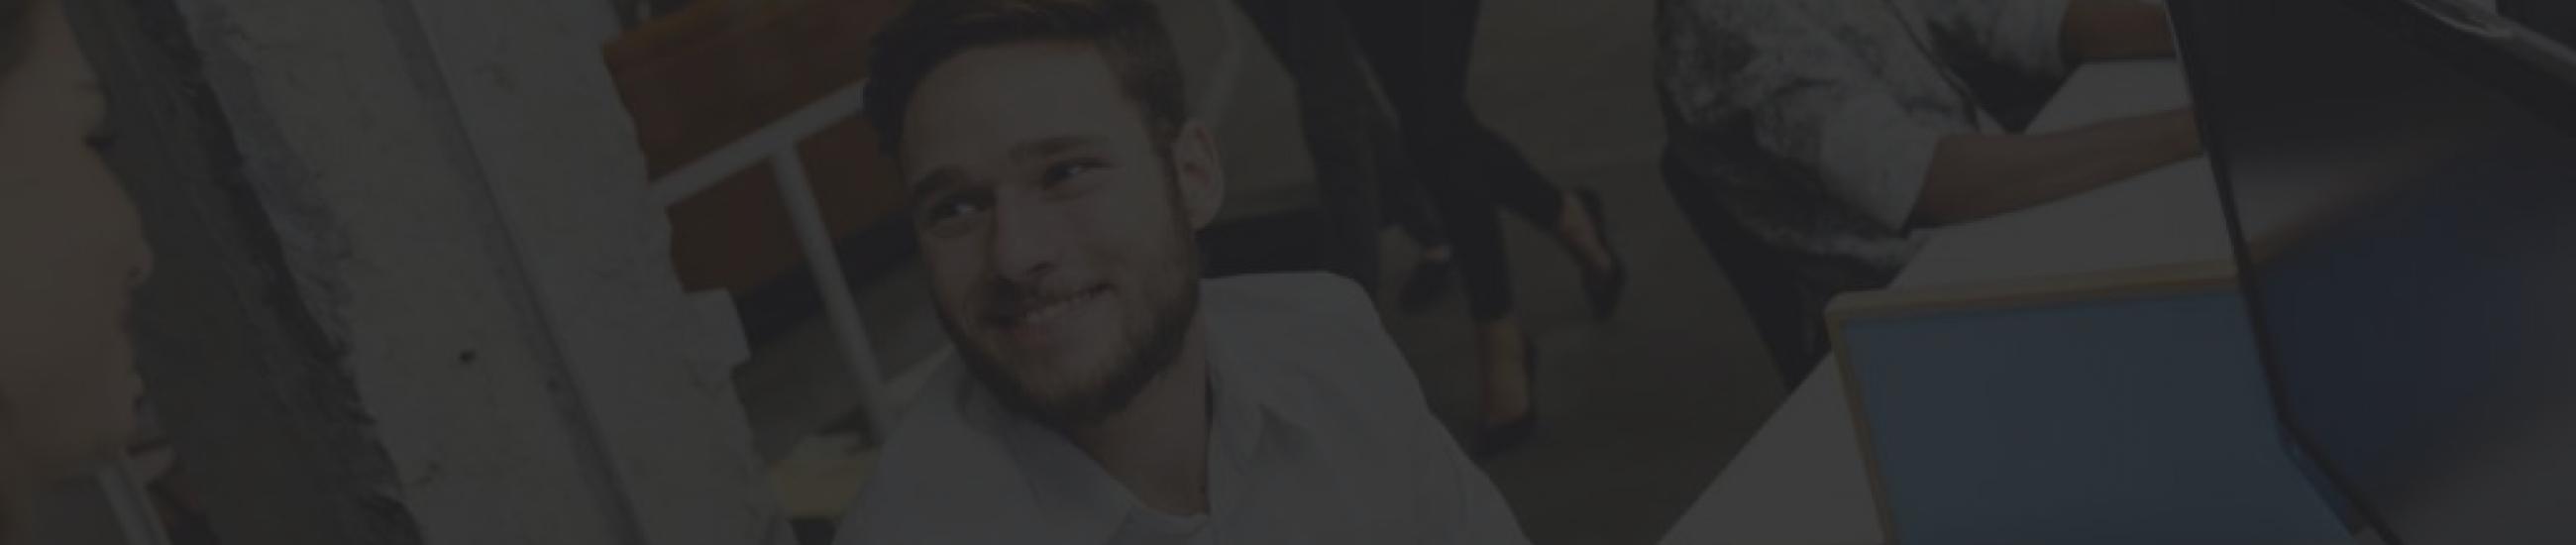 Hosting • Design • Support